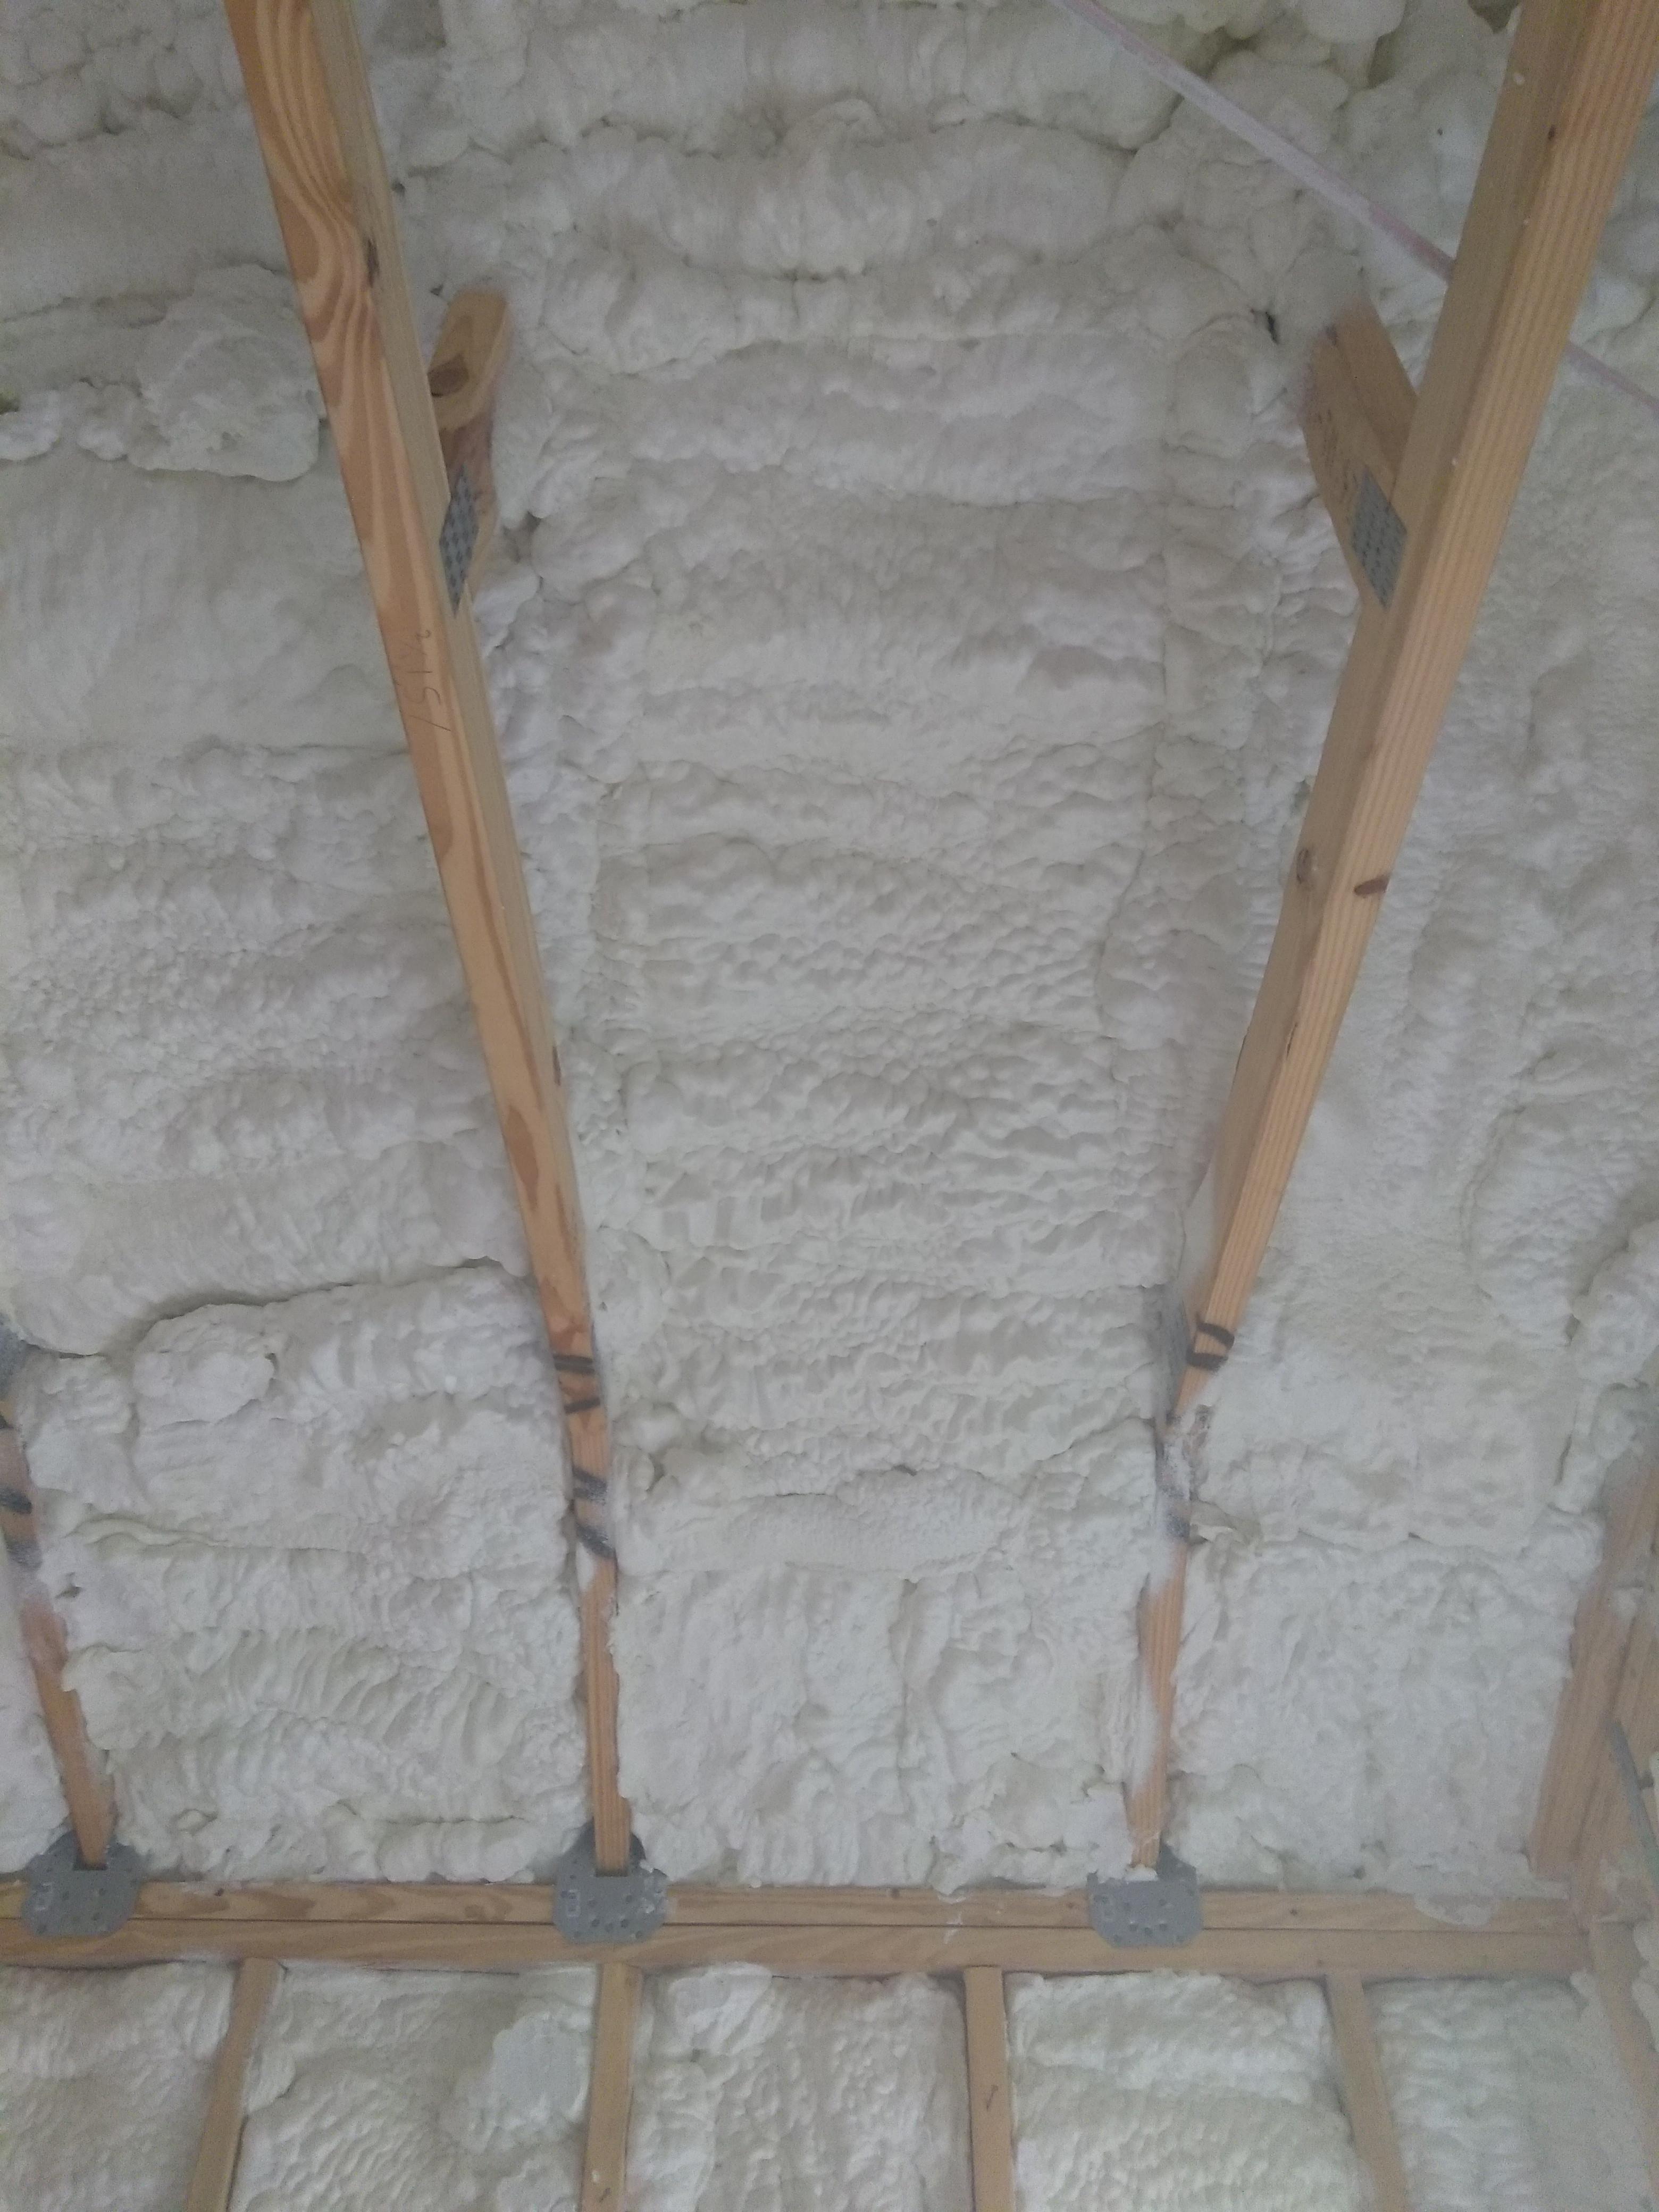 Insulation Installs Estimates